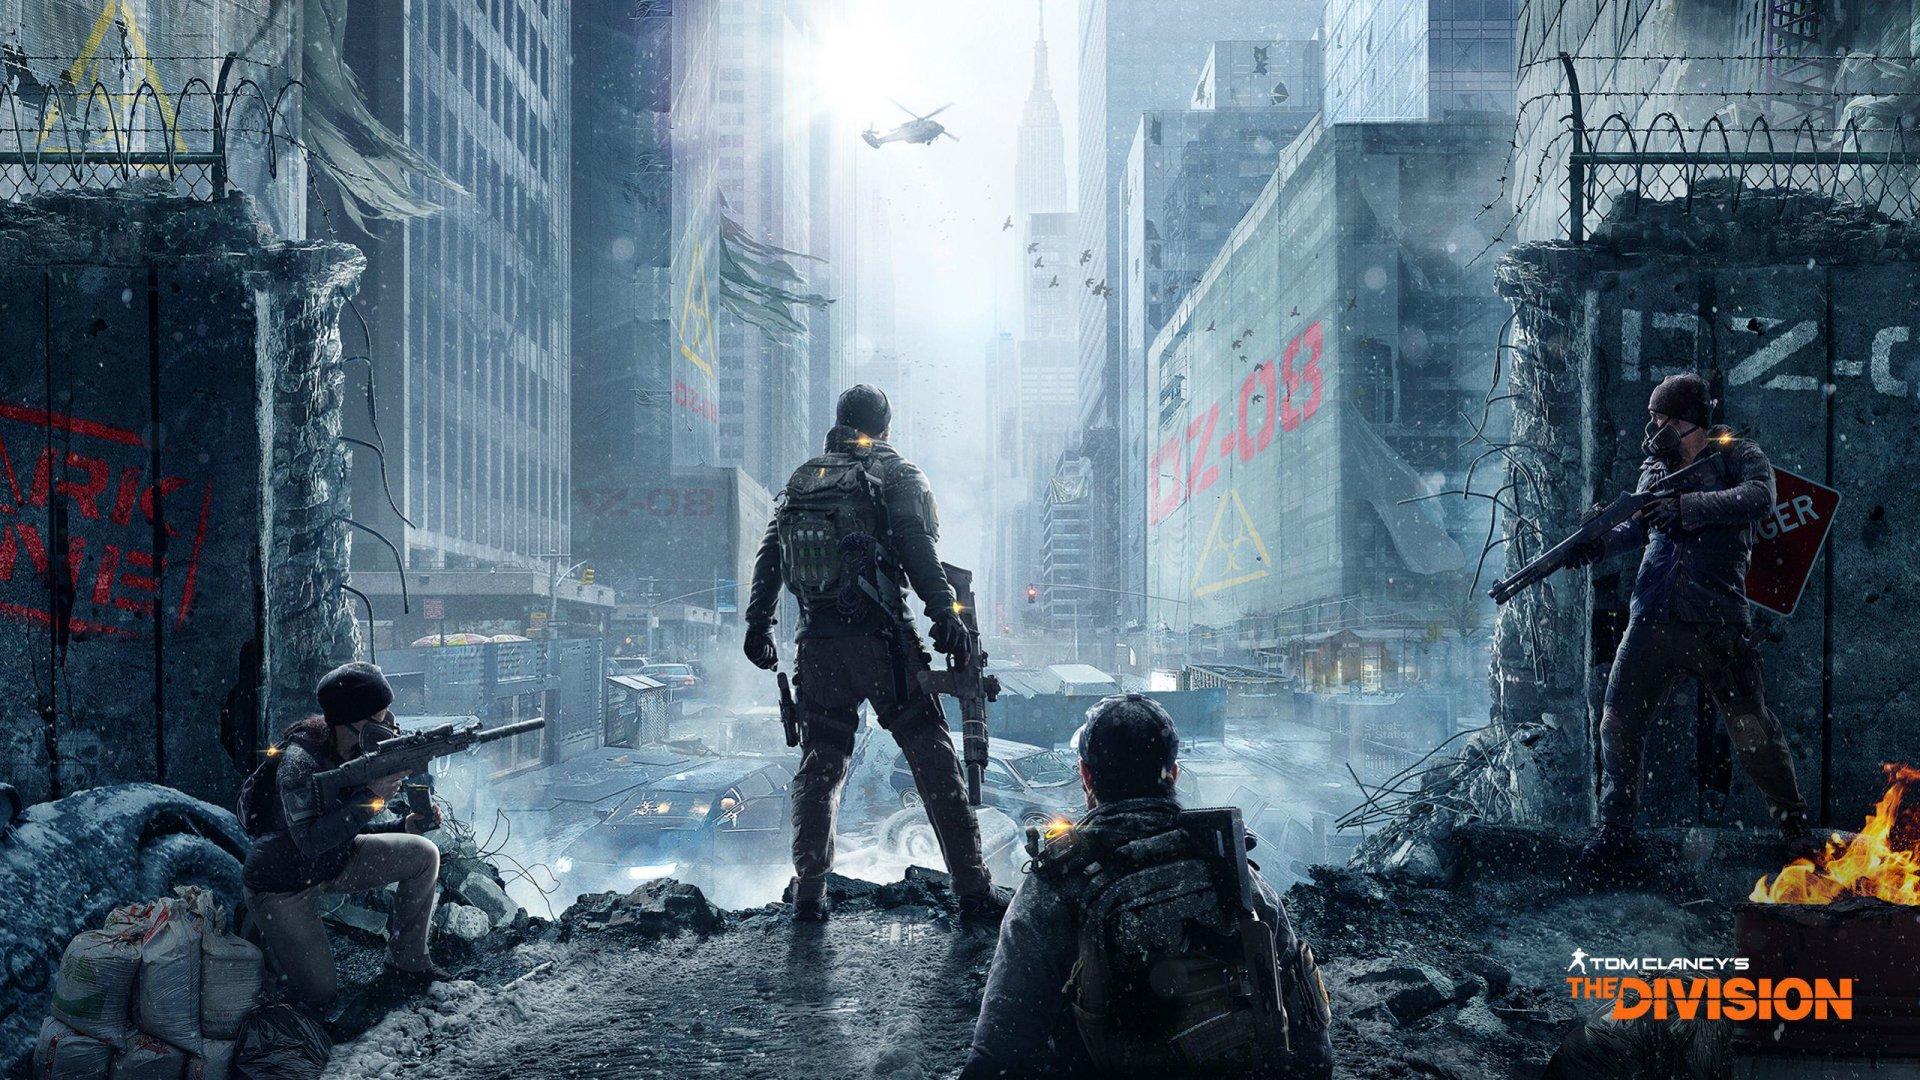 IGN 精选十款仿真类游戏推荐,有你喜欢的吗?